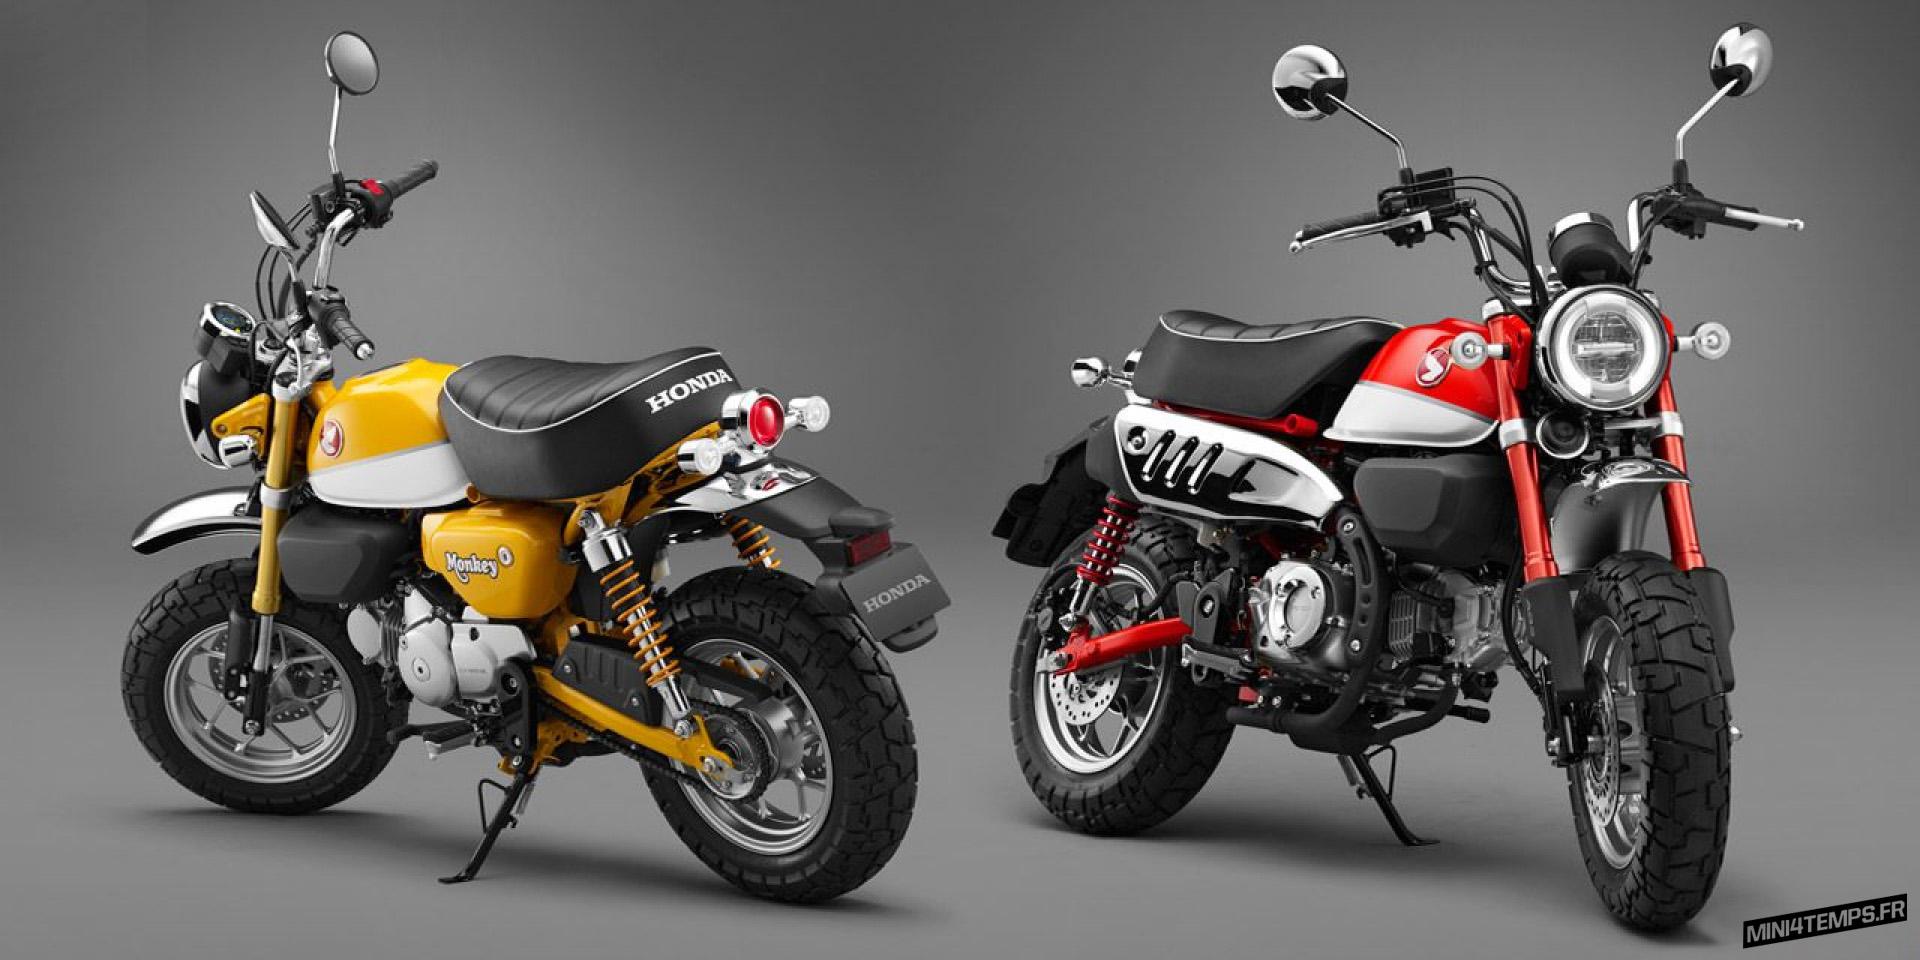 Les coloris du nouveau Honda Monkey 125 ! - mini4temps.fr